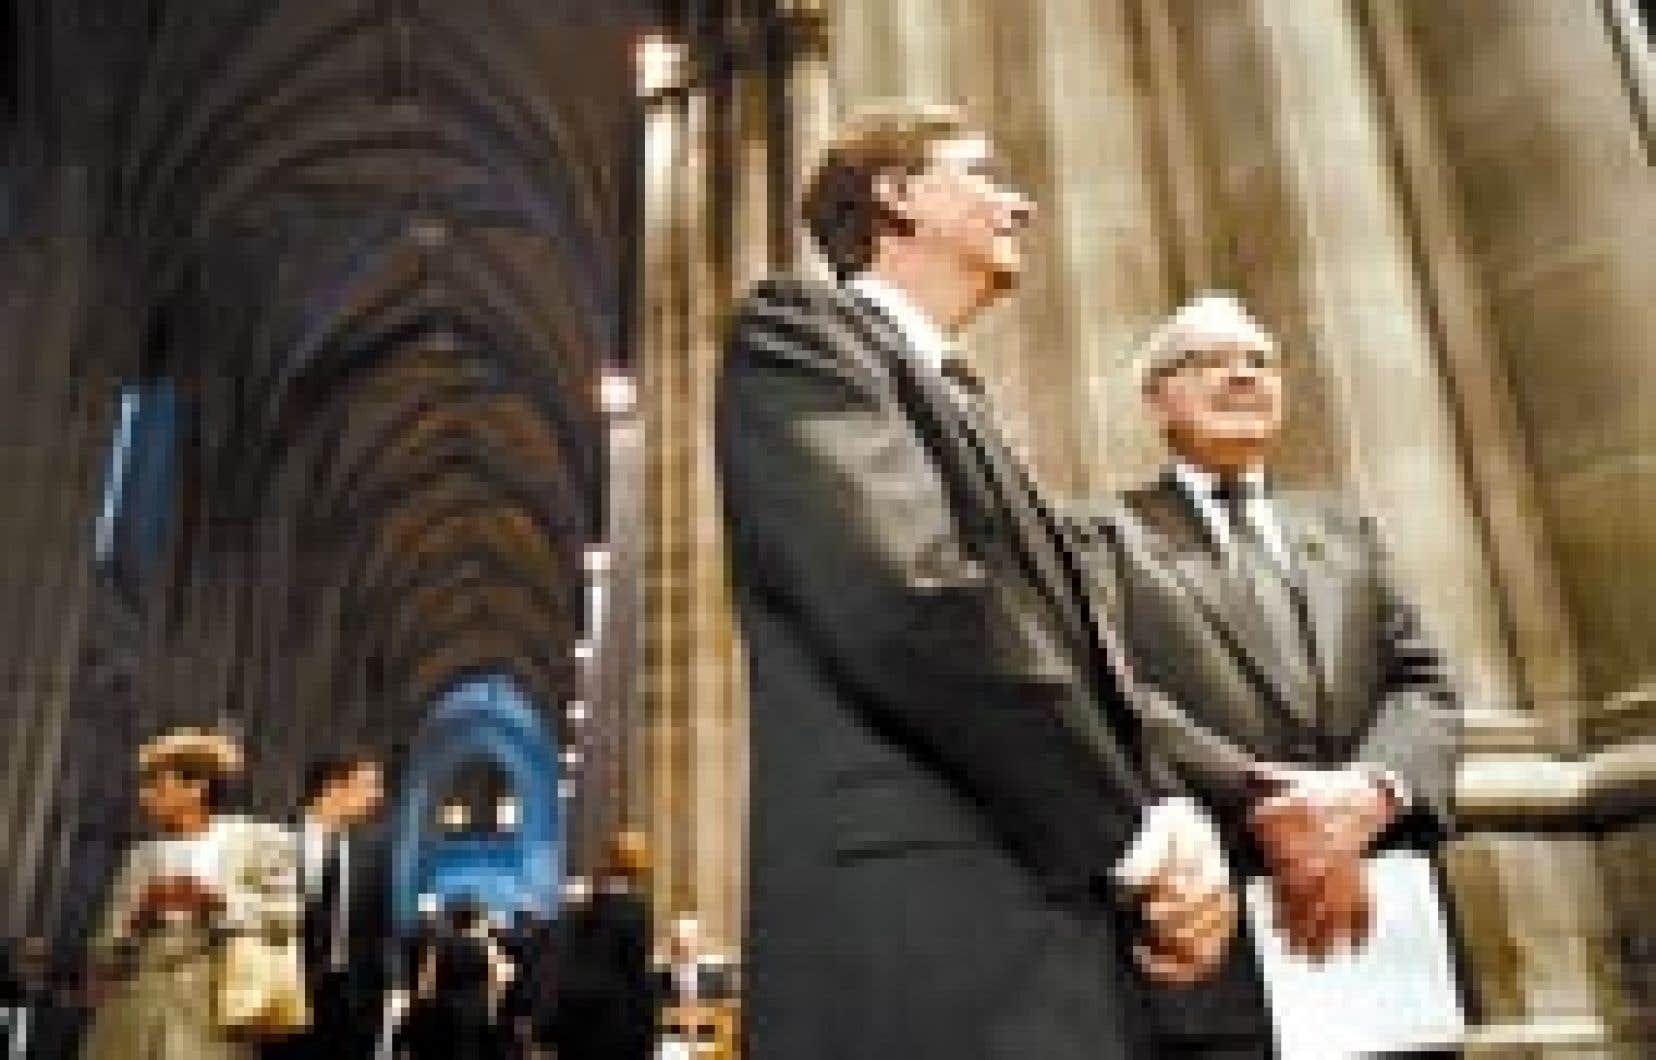 Bill Gates et Warren Buffet ont régulièrement l'occasion de se rencontrer, comme ici lors des funérailles d'une journaliste politique influente. Les deux hommes sont les deux plus riches des États-Unis, avec des fortunes personnelles estimées à